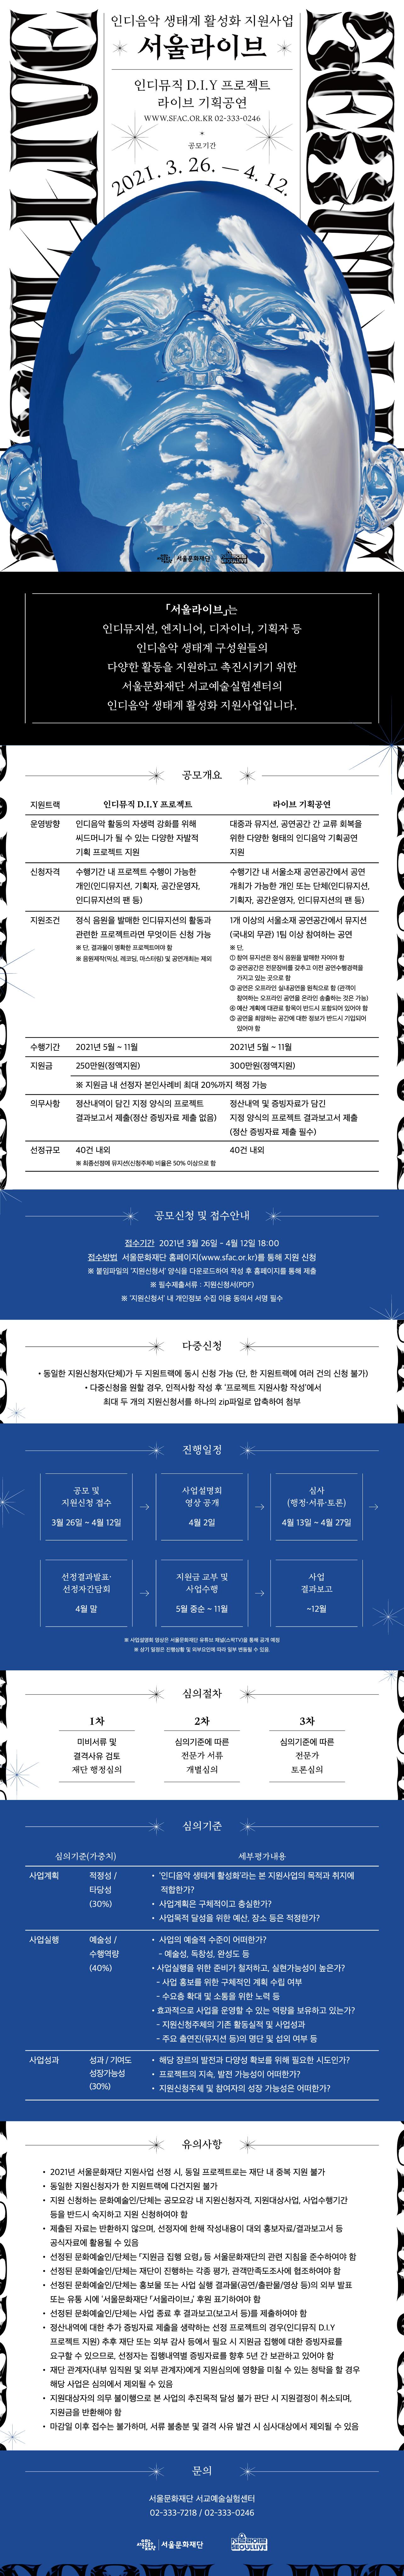 2021 서울라이브 웹플라이어